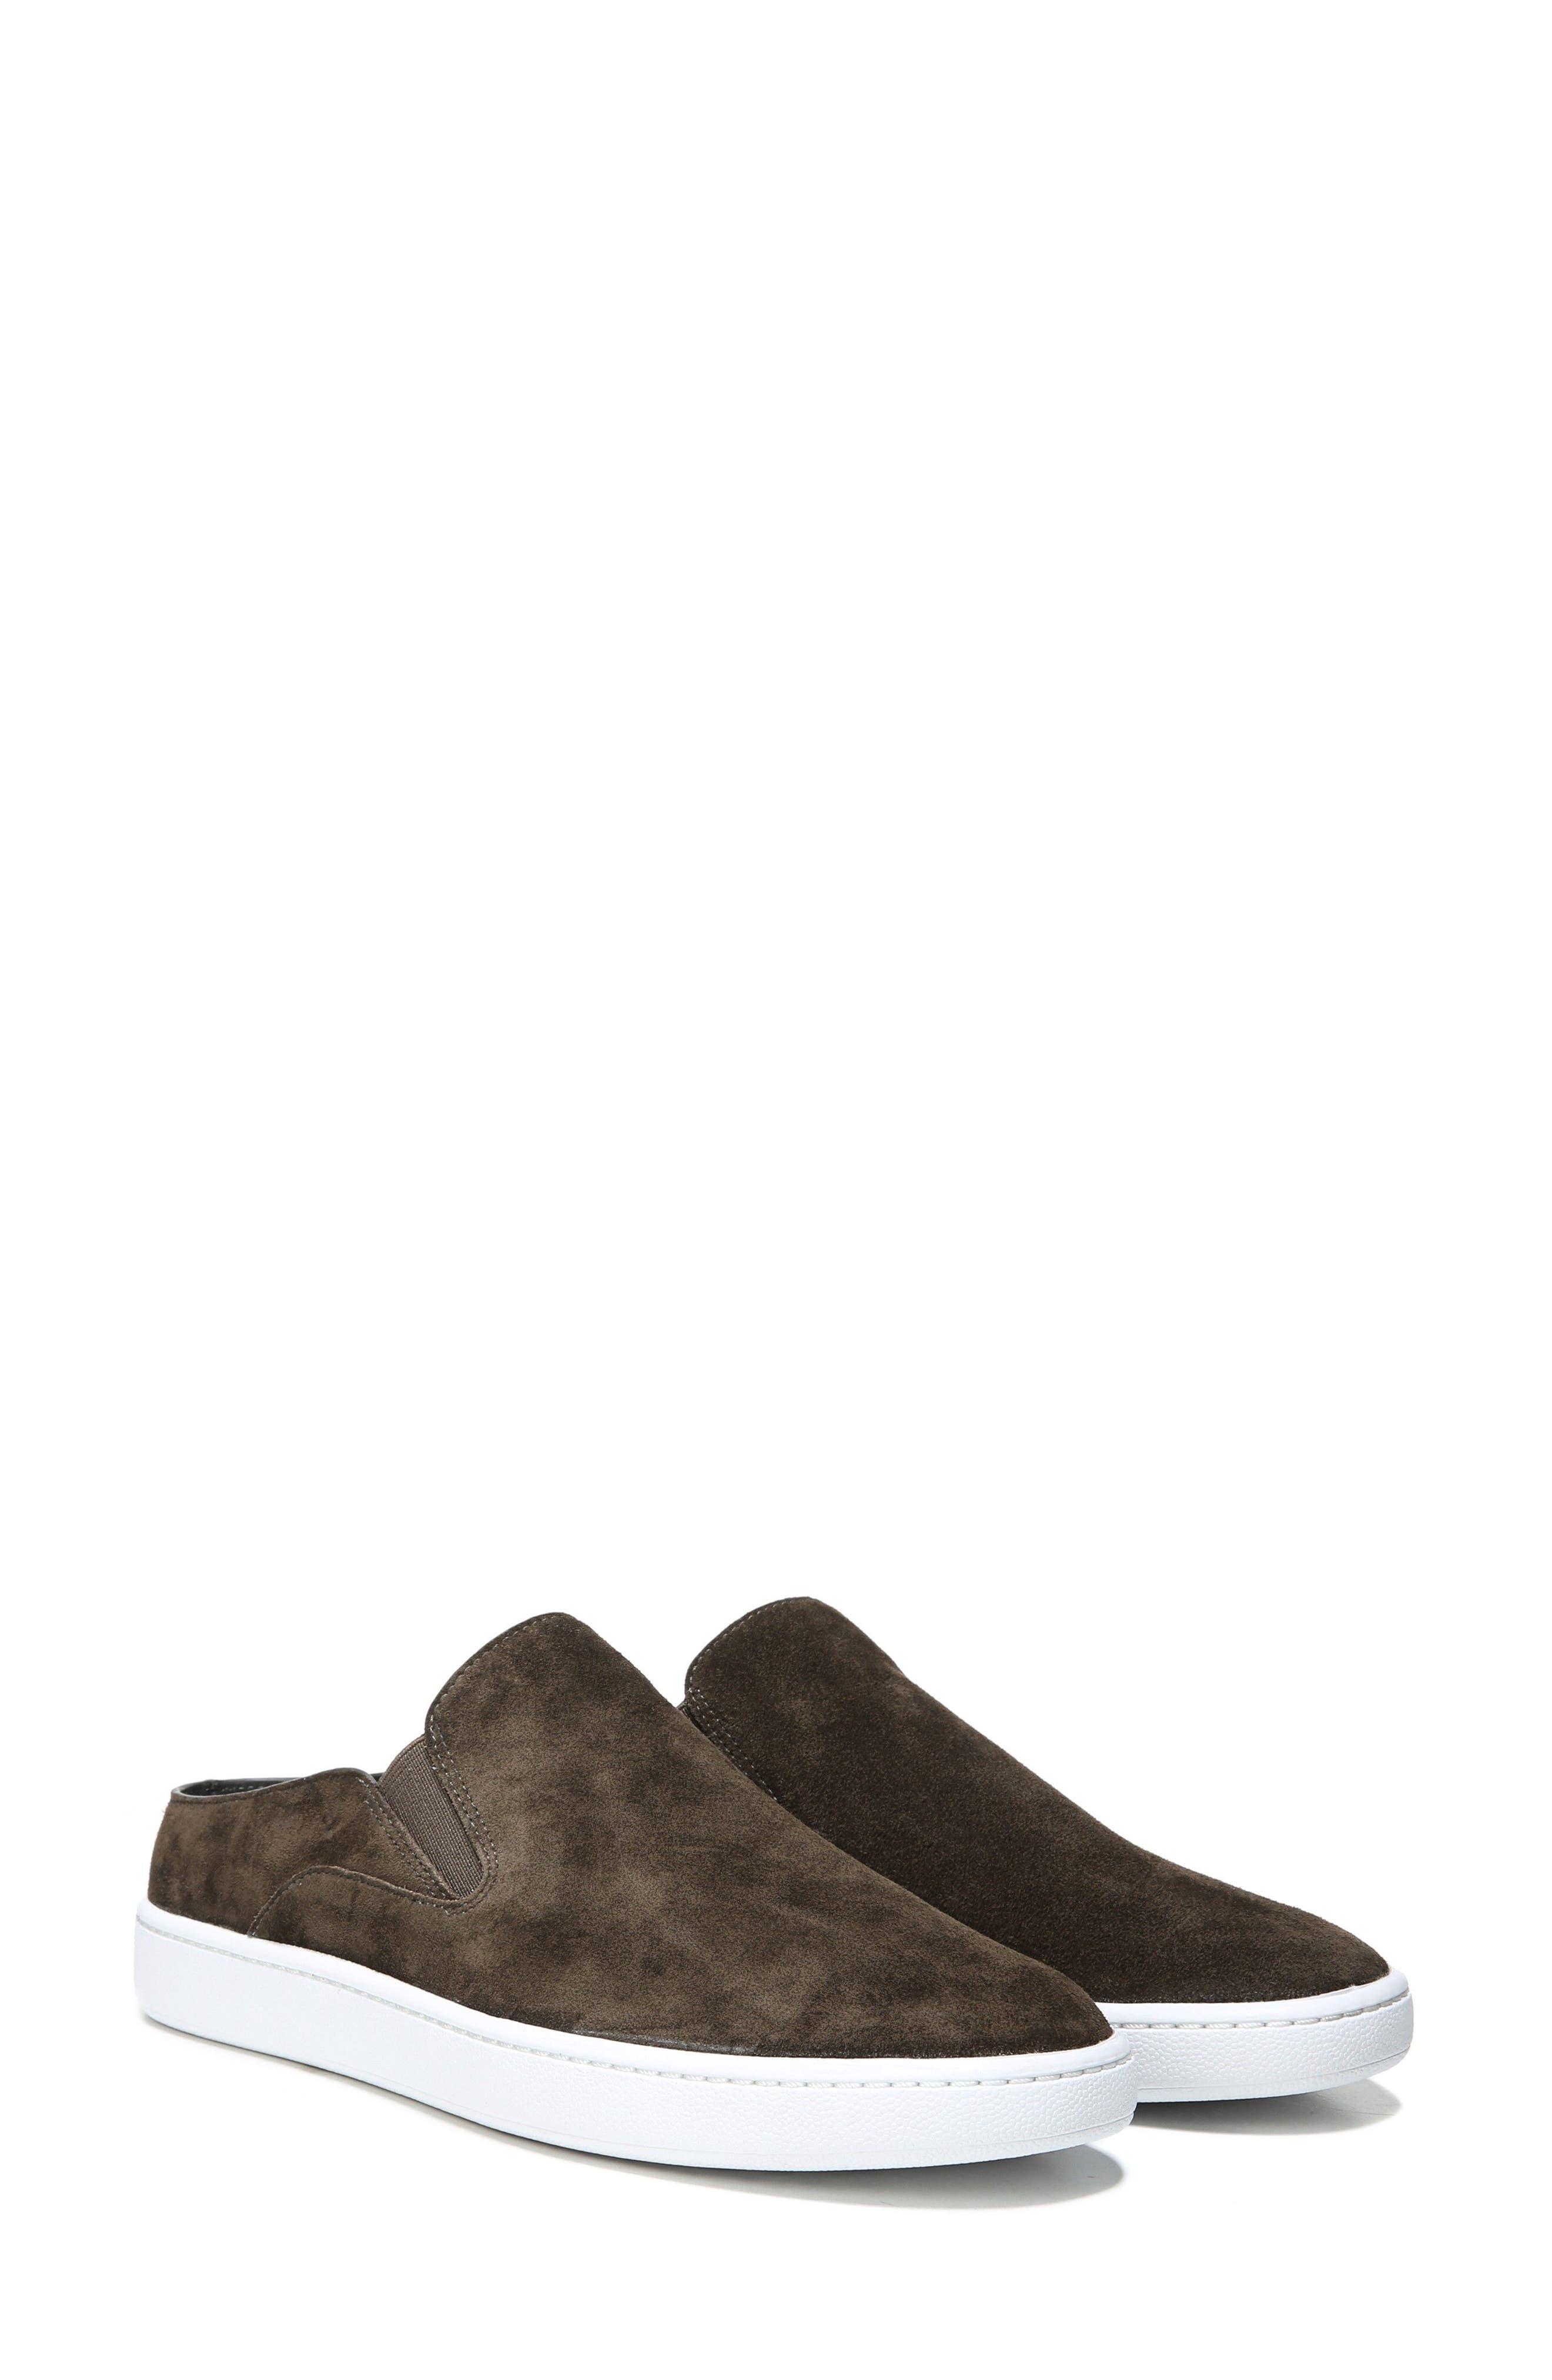 Verrell Slip-On Sneaker,                             Alternate thumbnail 57, color,